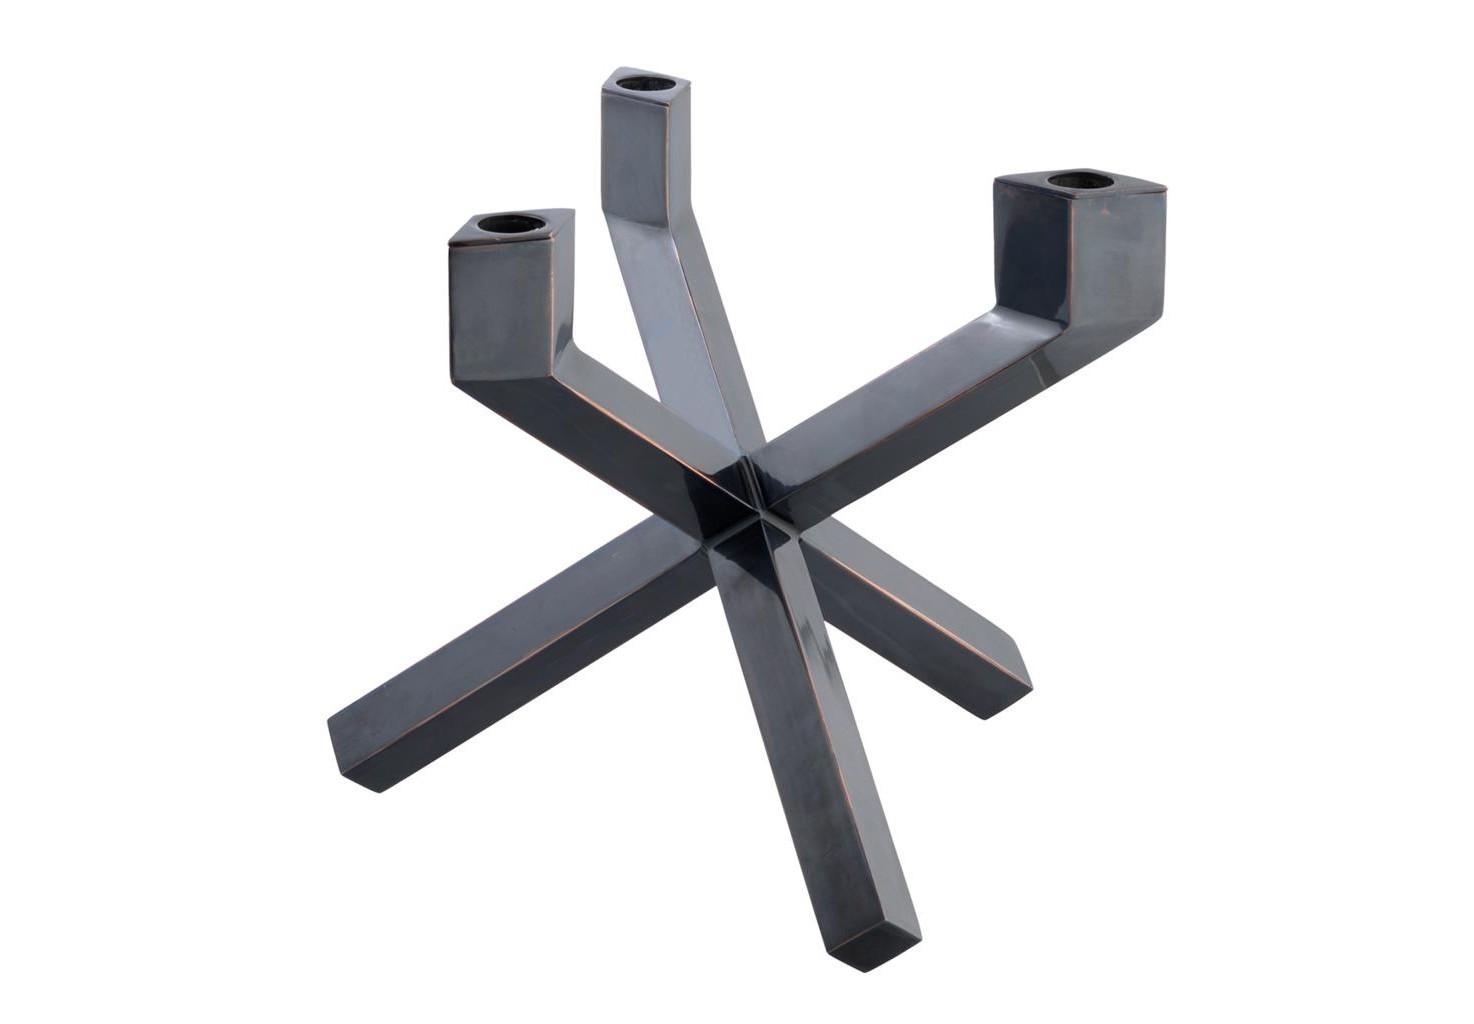 КанделябрПодсвечники<br>Канделябр Candle Holder Mykonos выполнен из металла бронзового цвета.<br><br>Material: Металл<br>Width см: 27<br>Depth см: 27<br>Height см: 24